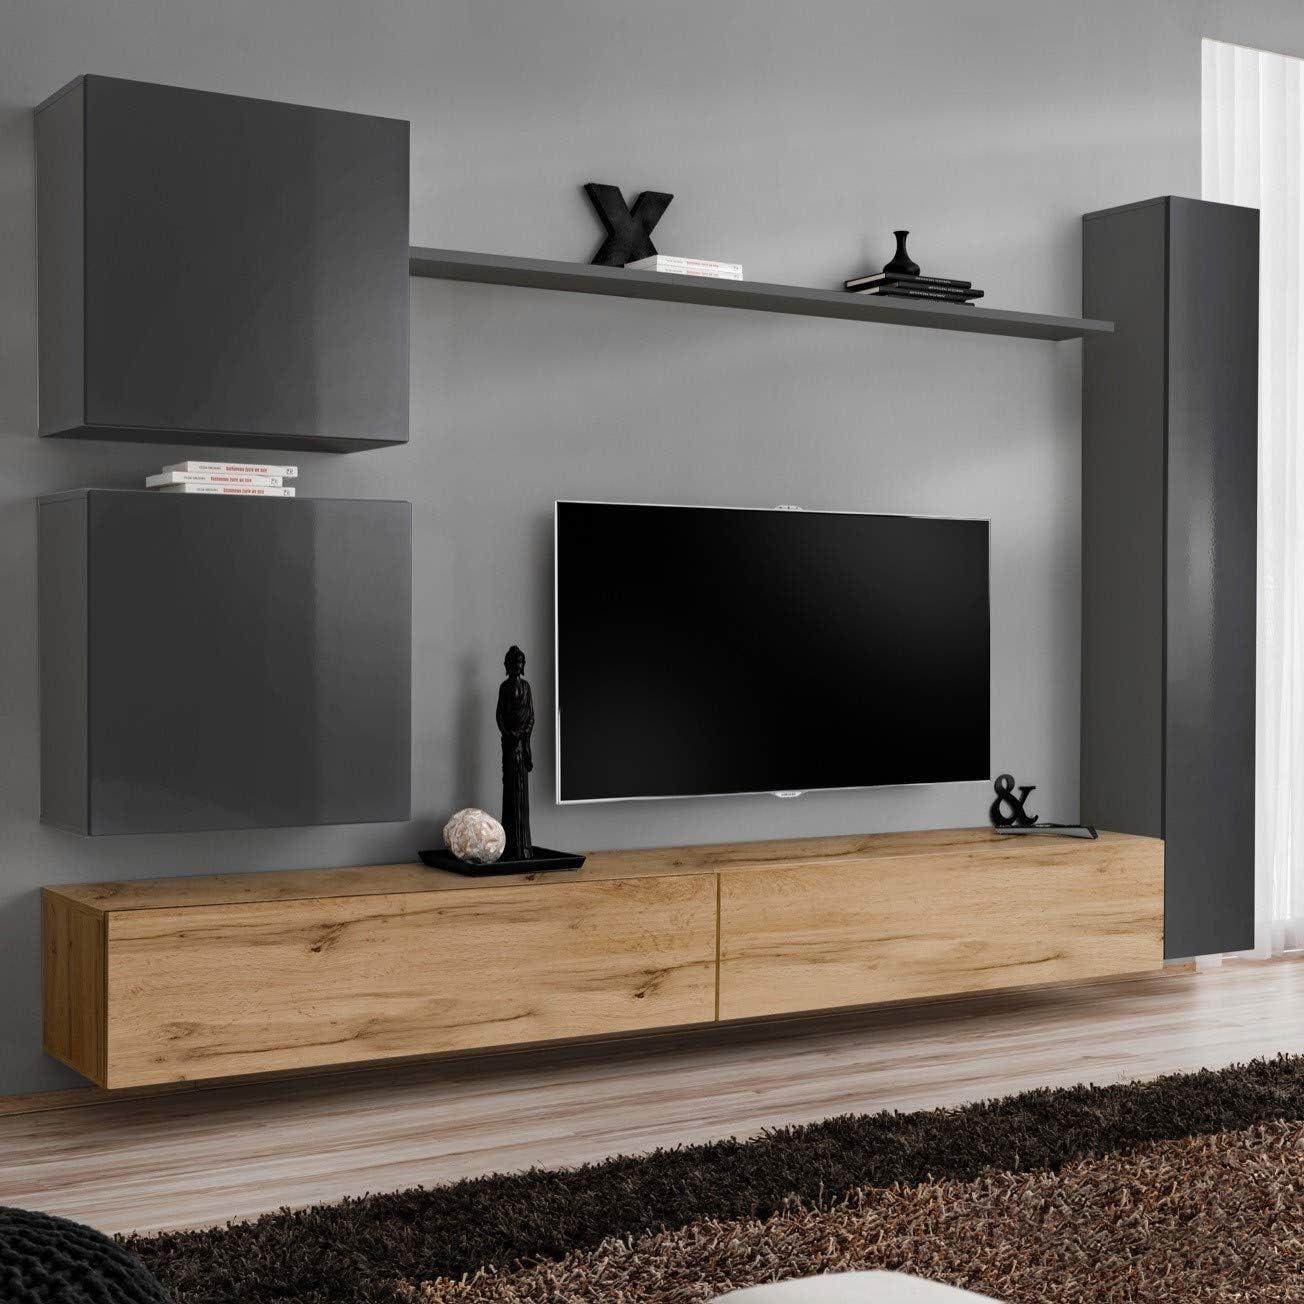 ASM SWITCH VIII Wohnwand 7cm breit TV-Bank Regale zwei